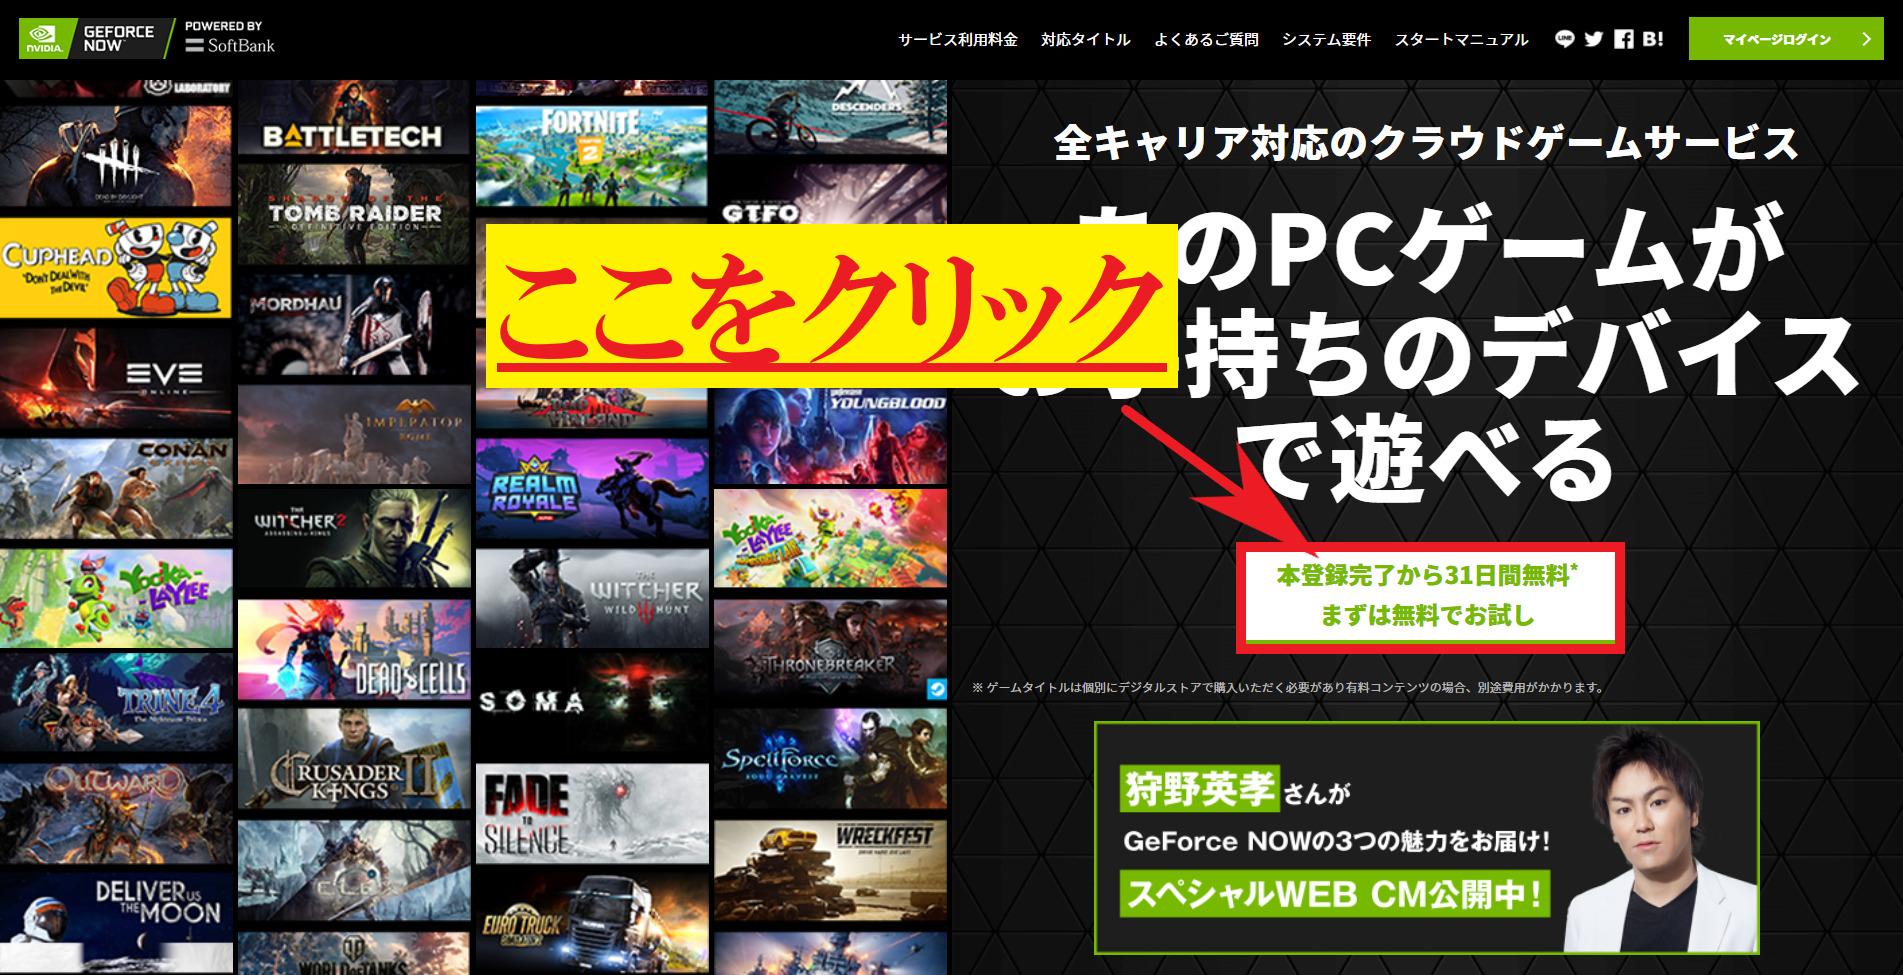 GeForce NOW 公式サイト